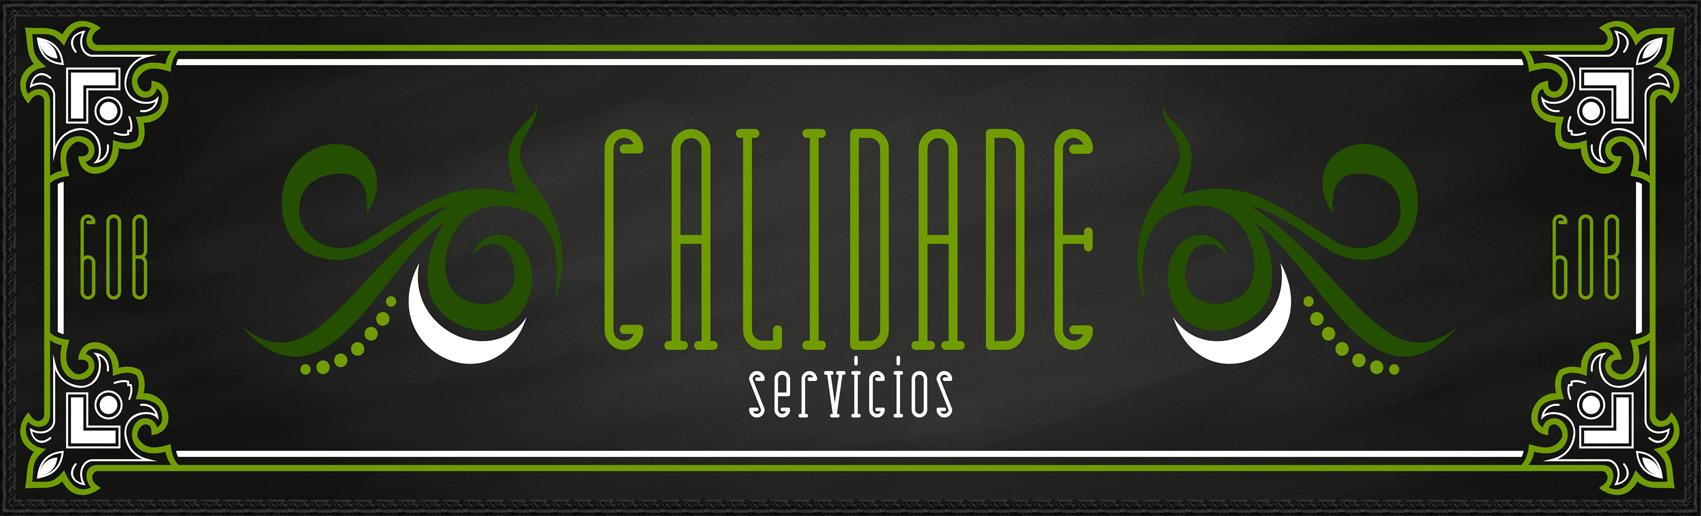 Calidade Servicios